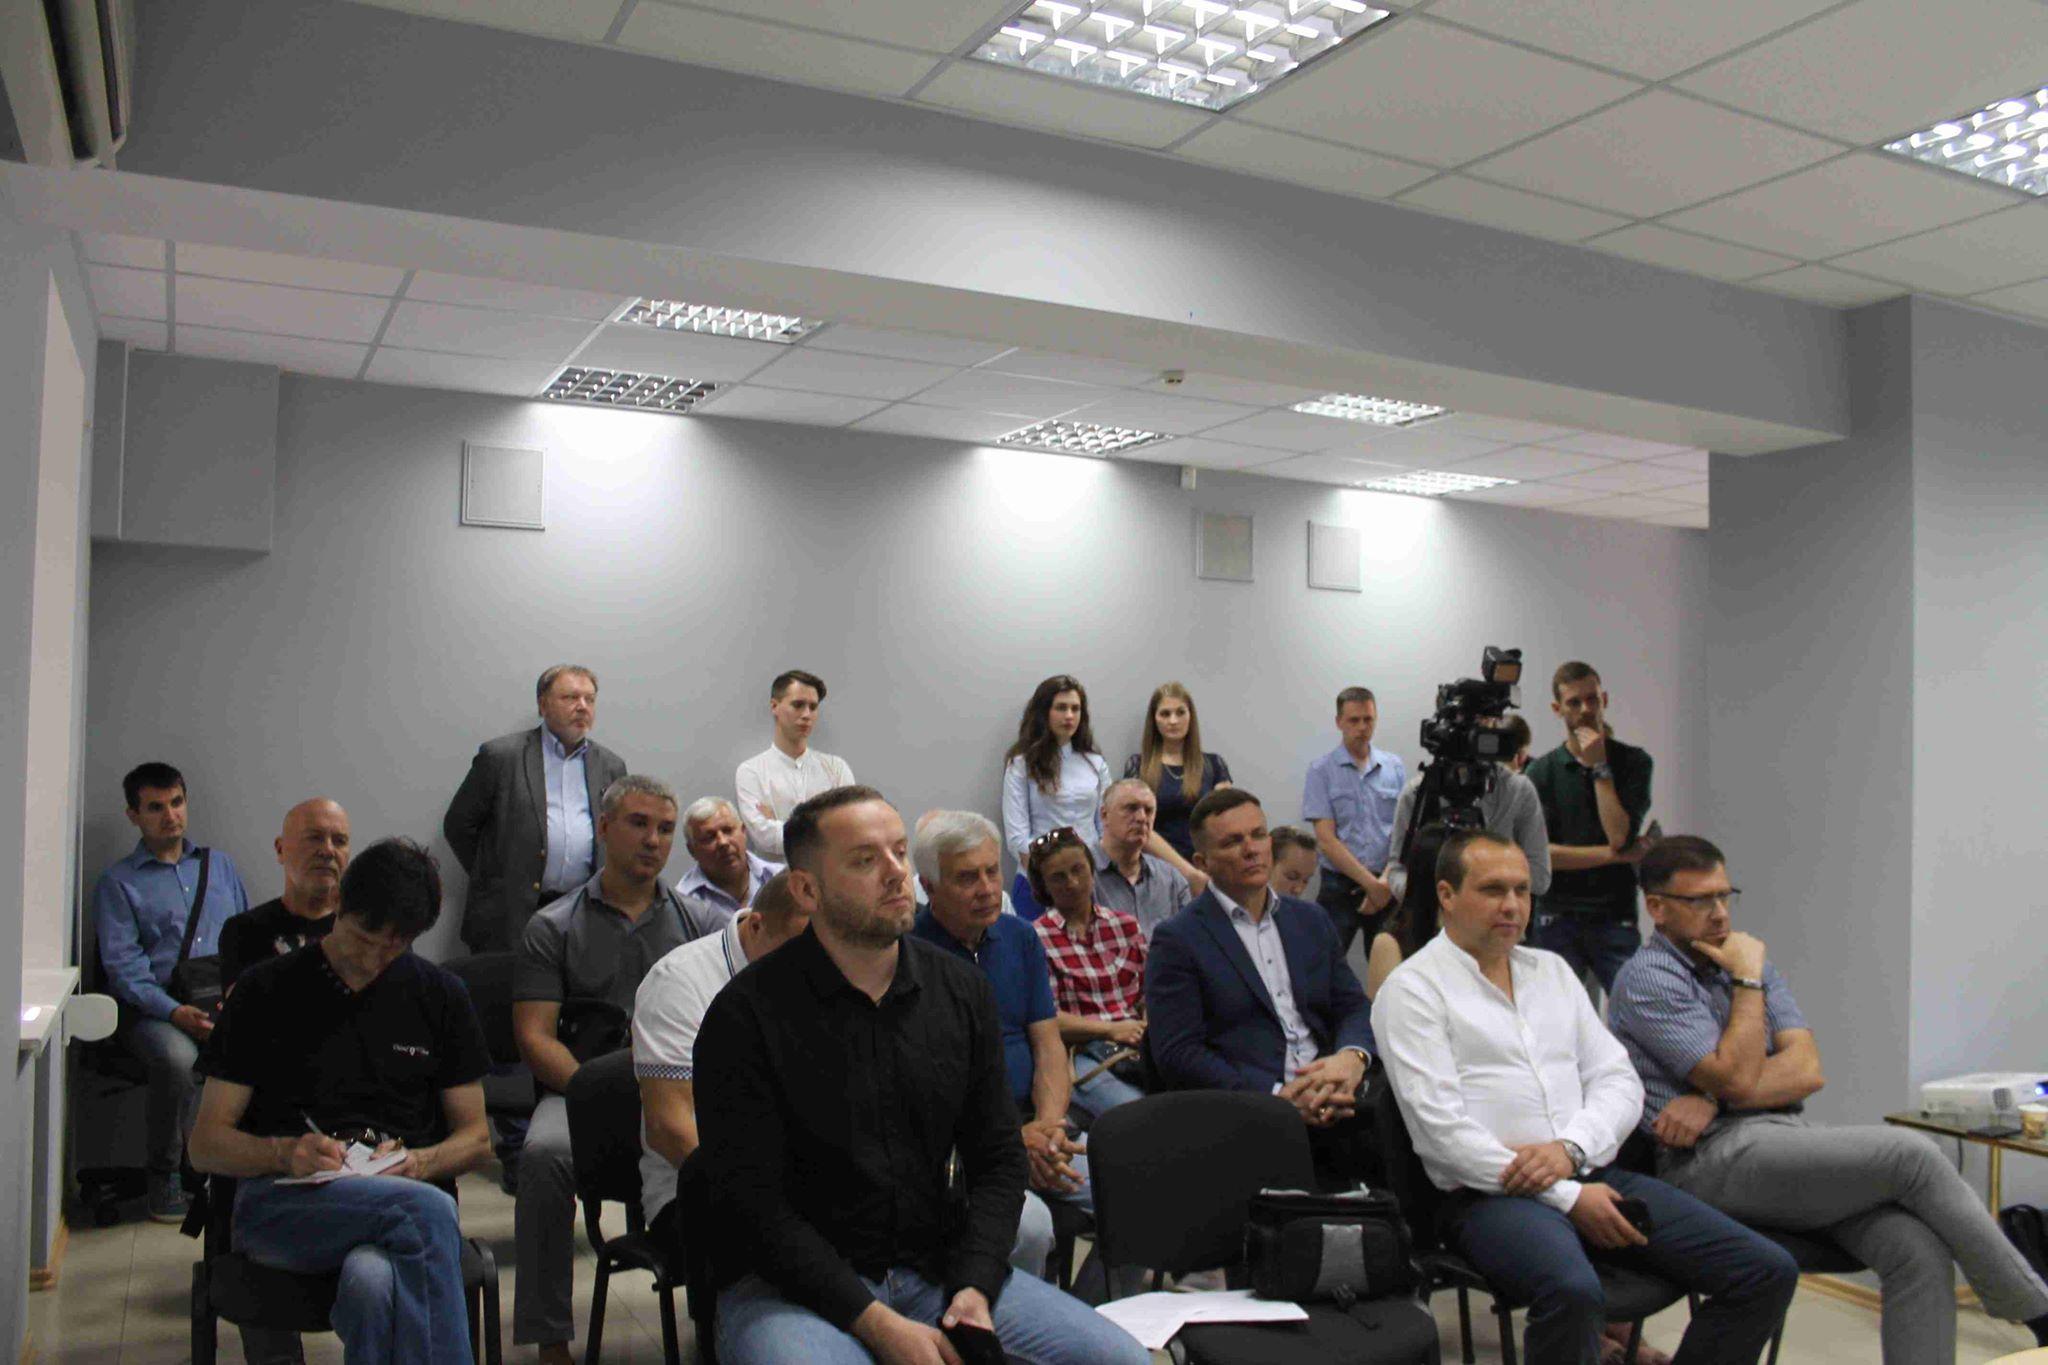 У Запоріжжі презентували мобільний додаток, який допоможе активним людям потрапити в політику